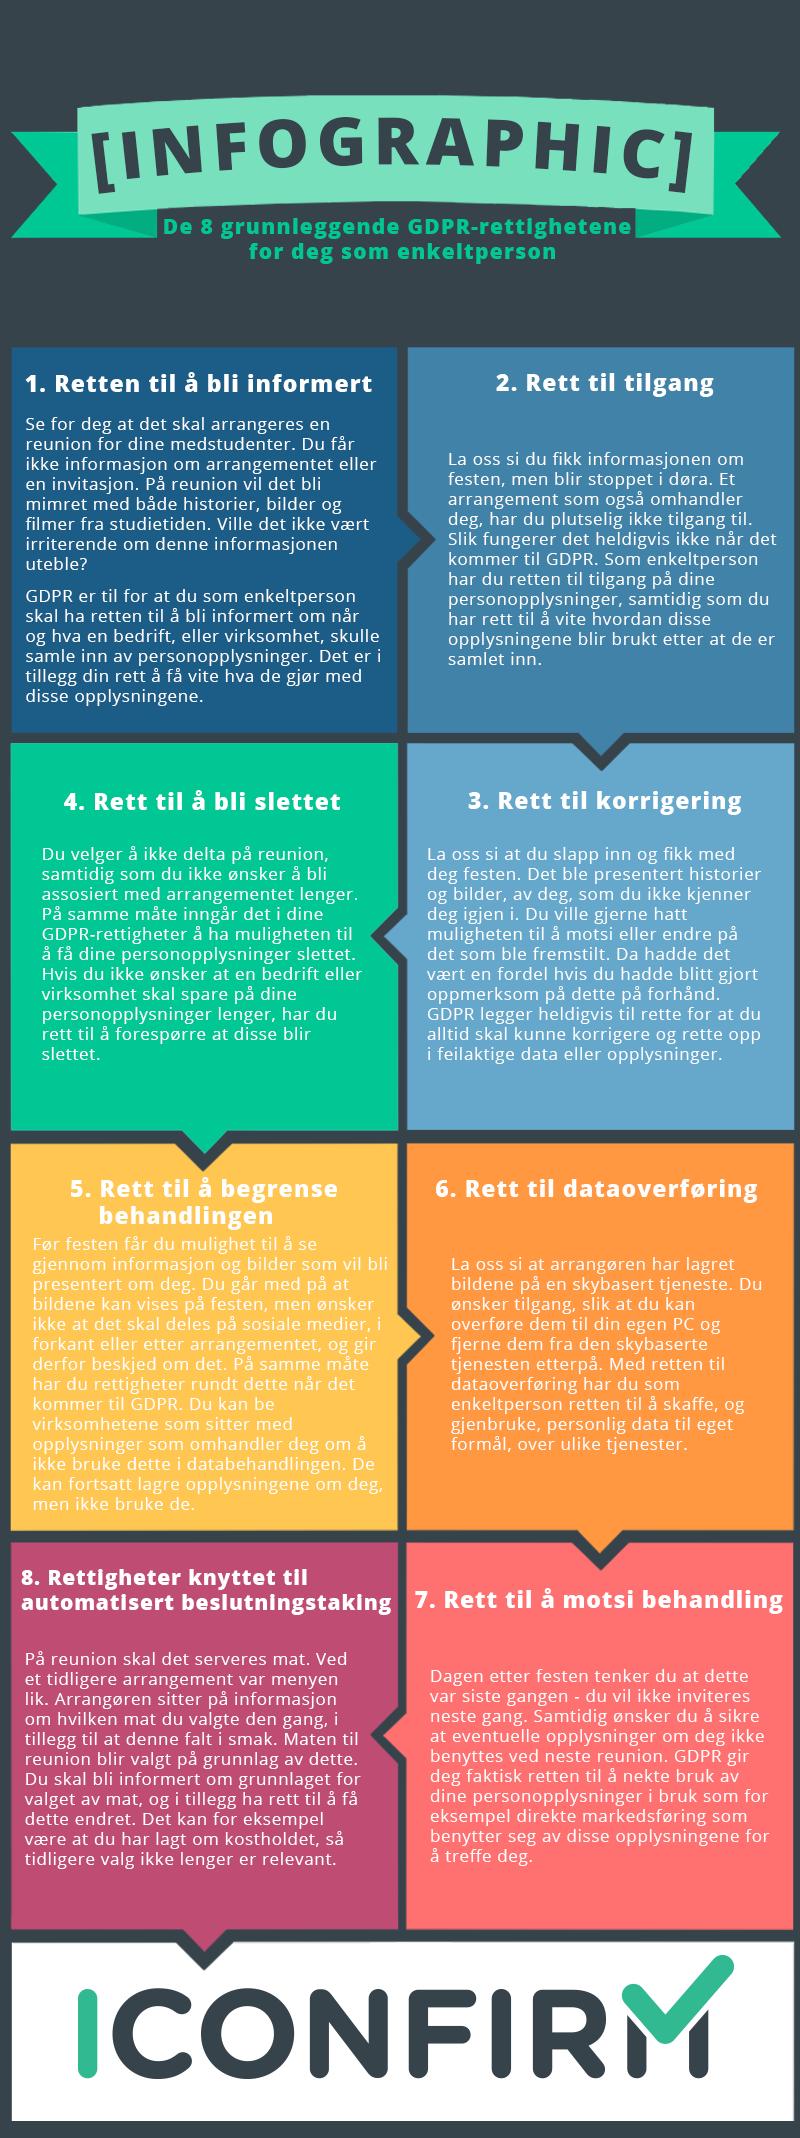 Infographic grunnleggende GDPR-rettigheter